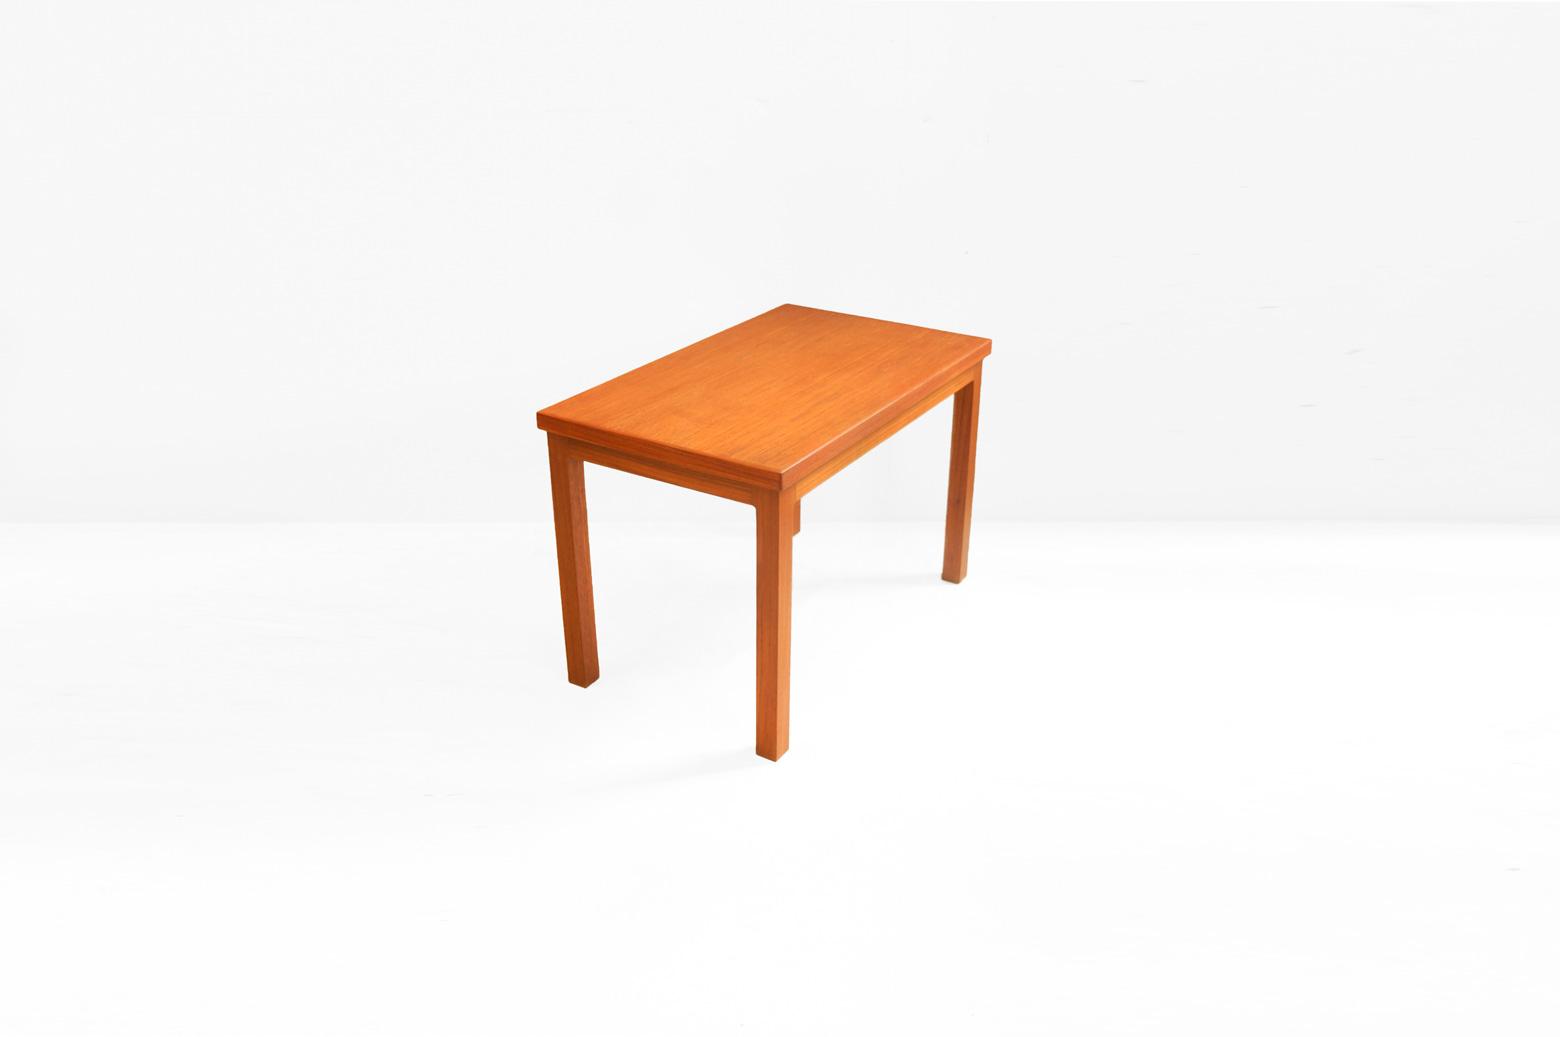 """チーク材を使った、デンマークヴィンテージのコーヒーテーブル。 日本の住環境にもぴったりのコンパクトなサイズ感と使いやすくて飽きの来ない形。 しかし、ただの四角いシンプルなテーブルではありません。 あたたかく、やわらかく、明るく、お部屋をそんな雰囲気にしてくれるのがチーク材のとっても良いところ。 センターテーブル、サイドテーブルとしてソファと合わせてお使いください♪ 自然なチーク材の質感を味わえるよう、表面に塗布されていたニスを剥離し、新しいオイルを塗り直しました。 経年や使用に伴う細かな傷や擦れがございますが、大きなダメージはございません。 """"幕板""""と呼ばれる天板と脚を繋ぐ部分にカーブがかかっていたり、天板裏の四隅には""""隅木""""という部材を入れ、テーブルの強度を上げる工夫がなされていたり。 無駄な装飾のないシンプルな形だけれど、実はちょっとしたところにこだわりを感じるのが北欧家具なんですね。 ~【東京都杉並区阿佐ヶ谷北アンティークショップ 古一】 古一/ふるいちでは出張無料買取も行っております。杉並区周辺はもちろん、世田谷区・目黒区・武蔵野市・新宿区等の東京近郊のお見積もりも!ビンテージ家具・インテリア雑貨・ランプ・USED品・ リサイクルなら古一/フルイチへ~"""